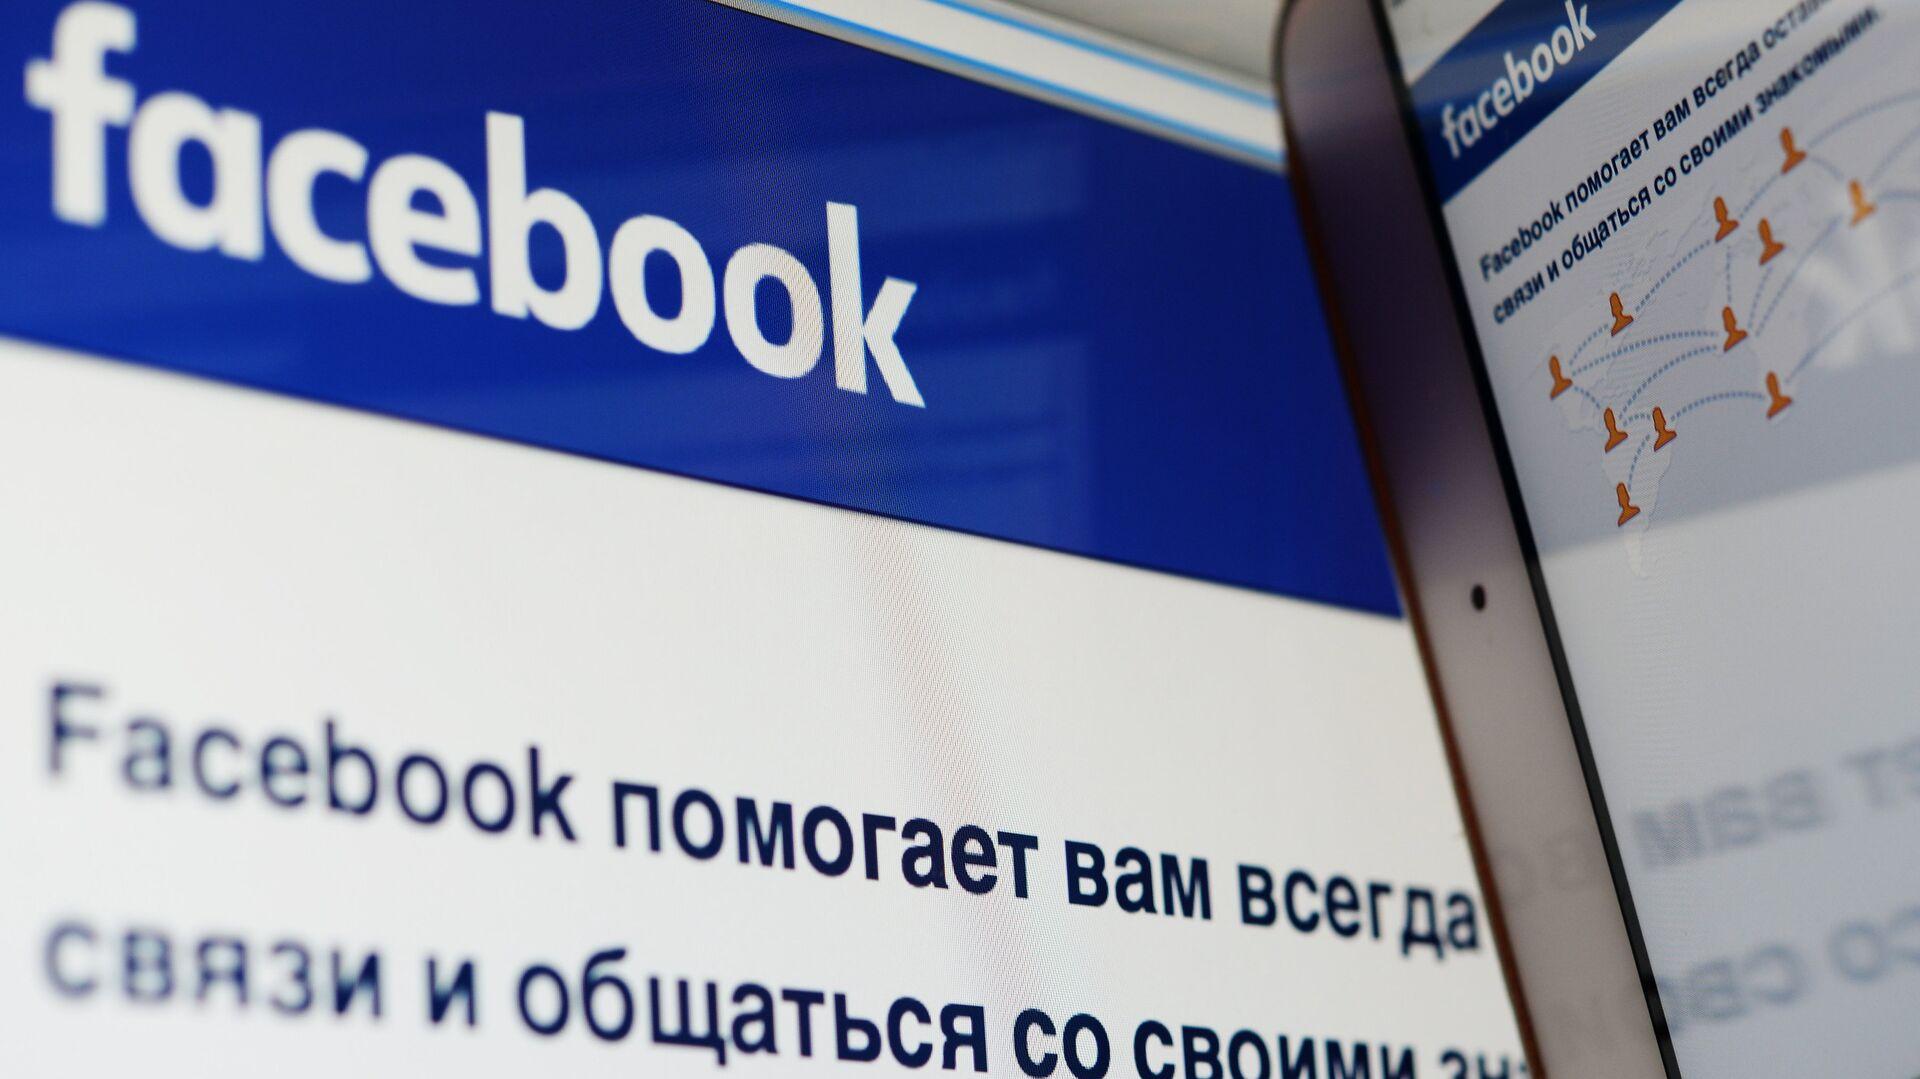 Социальная сеть Фейсбук - Sputnik Тоҷикистон, 1920, 02.10.2021